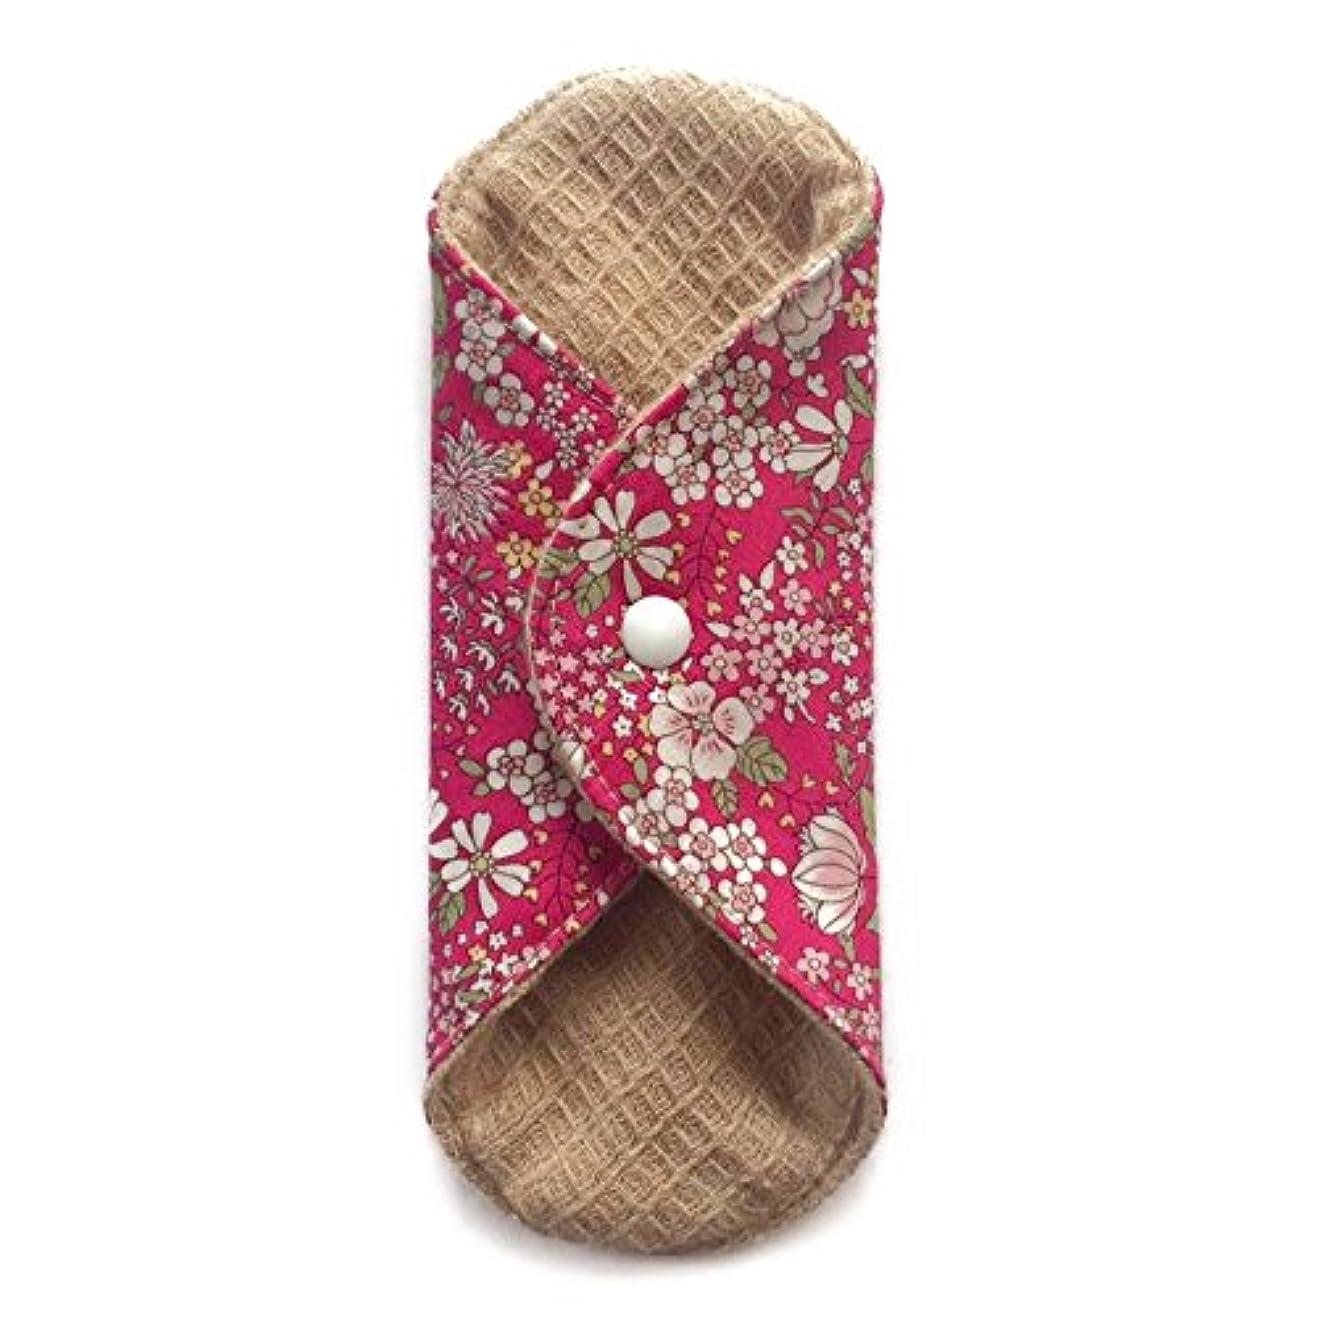 モットーアームストロング小包華布のオーガニックコットンの極み あたため布 Sサイズ (約13×約13×約0.6cm) 雅(ローズ)